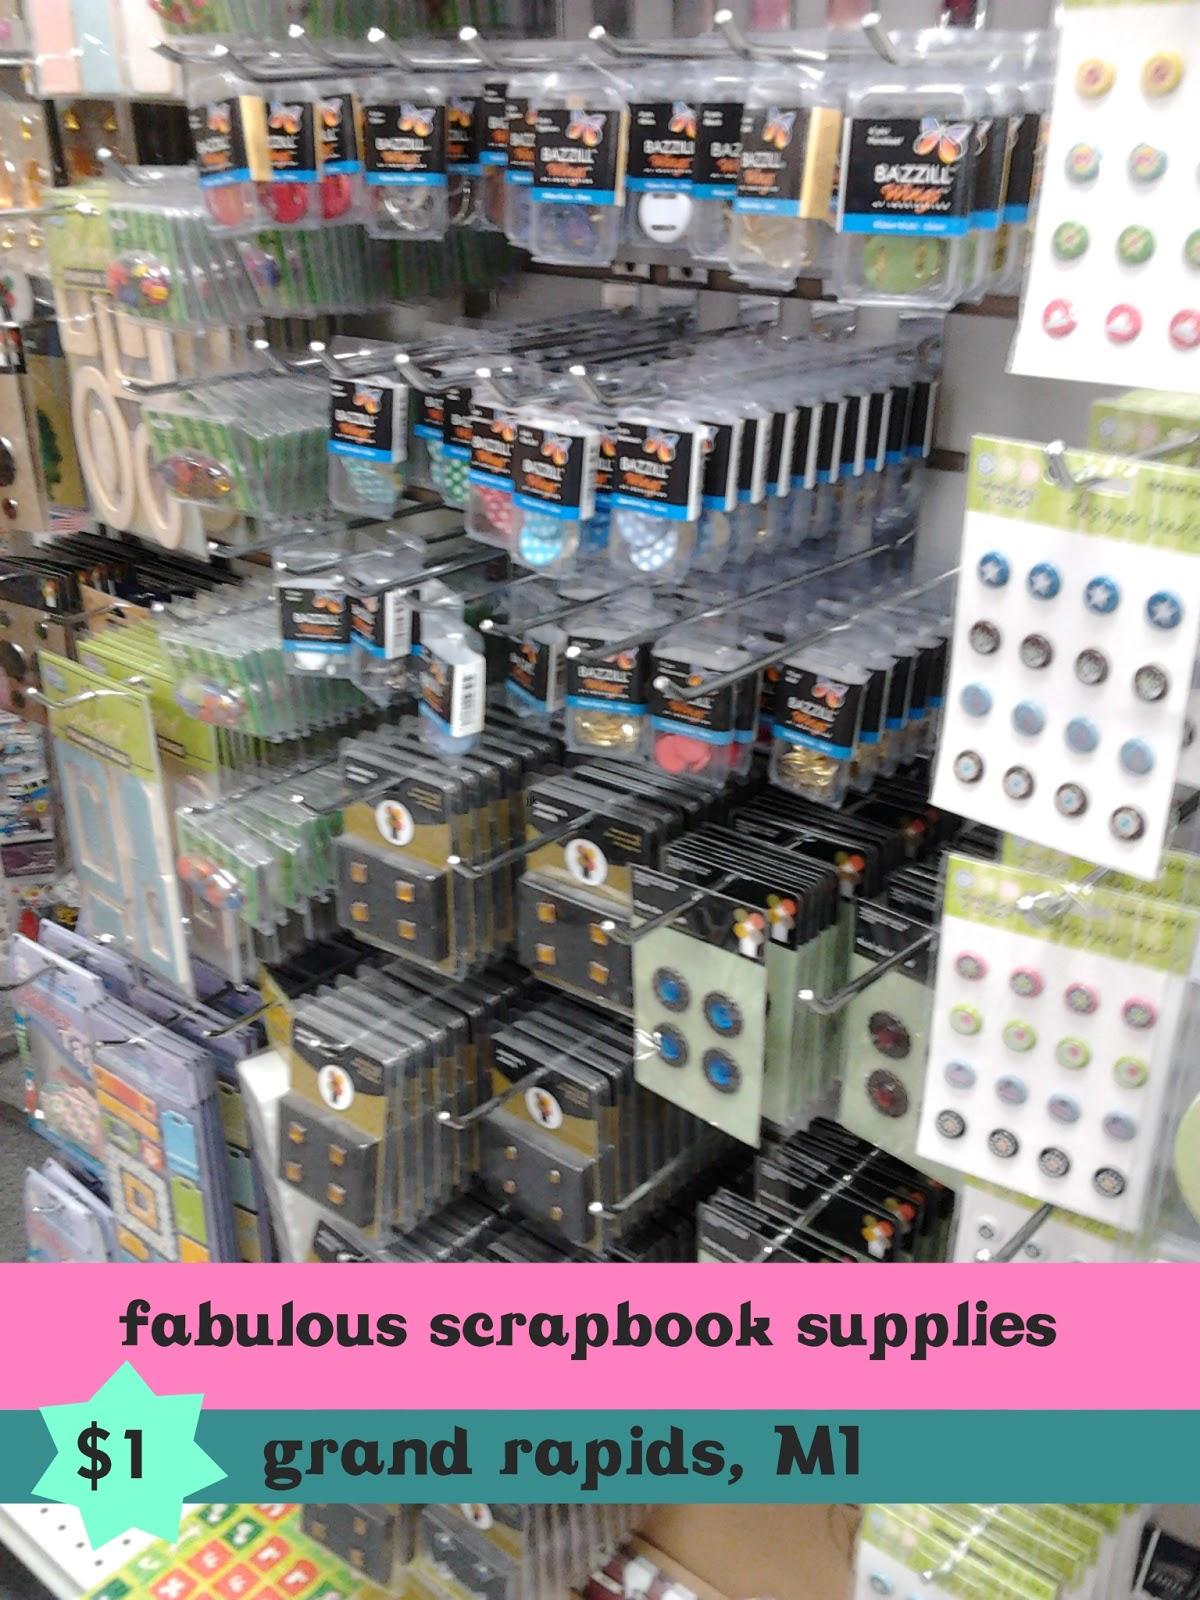 http://4.bp.blogspot.com/-GSbg1bwXV-g/T7QkbHSgc_I/AAAAAAAAAT0/oknhSUcOOIM/s1600/scrapbook+supplies+$1.jpg